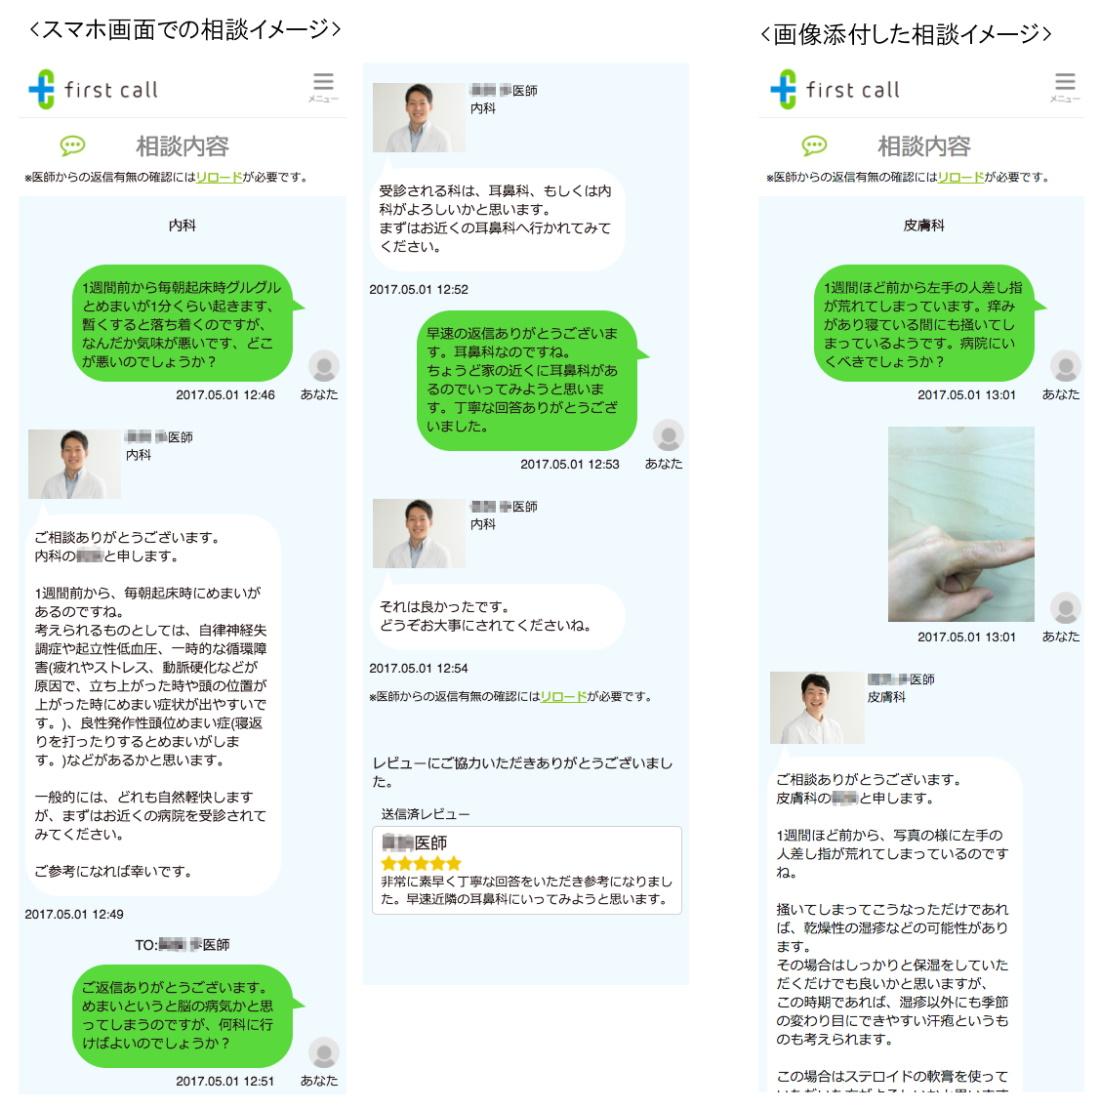 first callオンライン医療相談イメージ